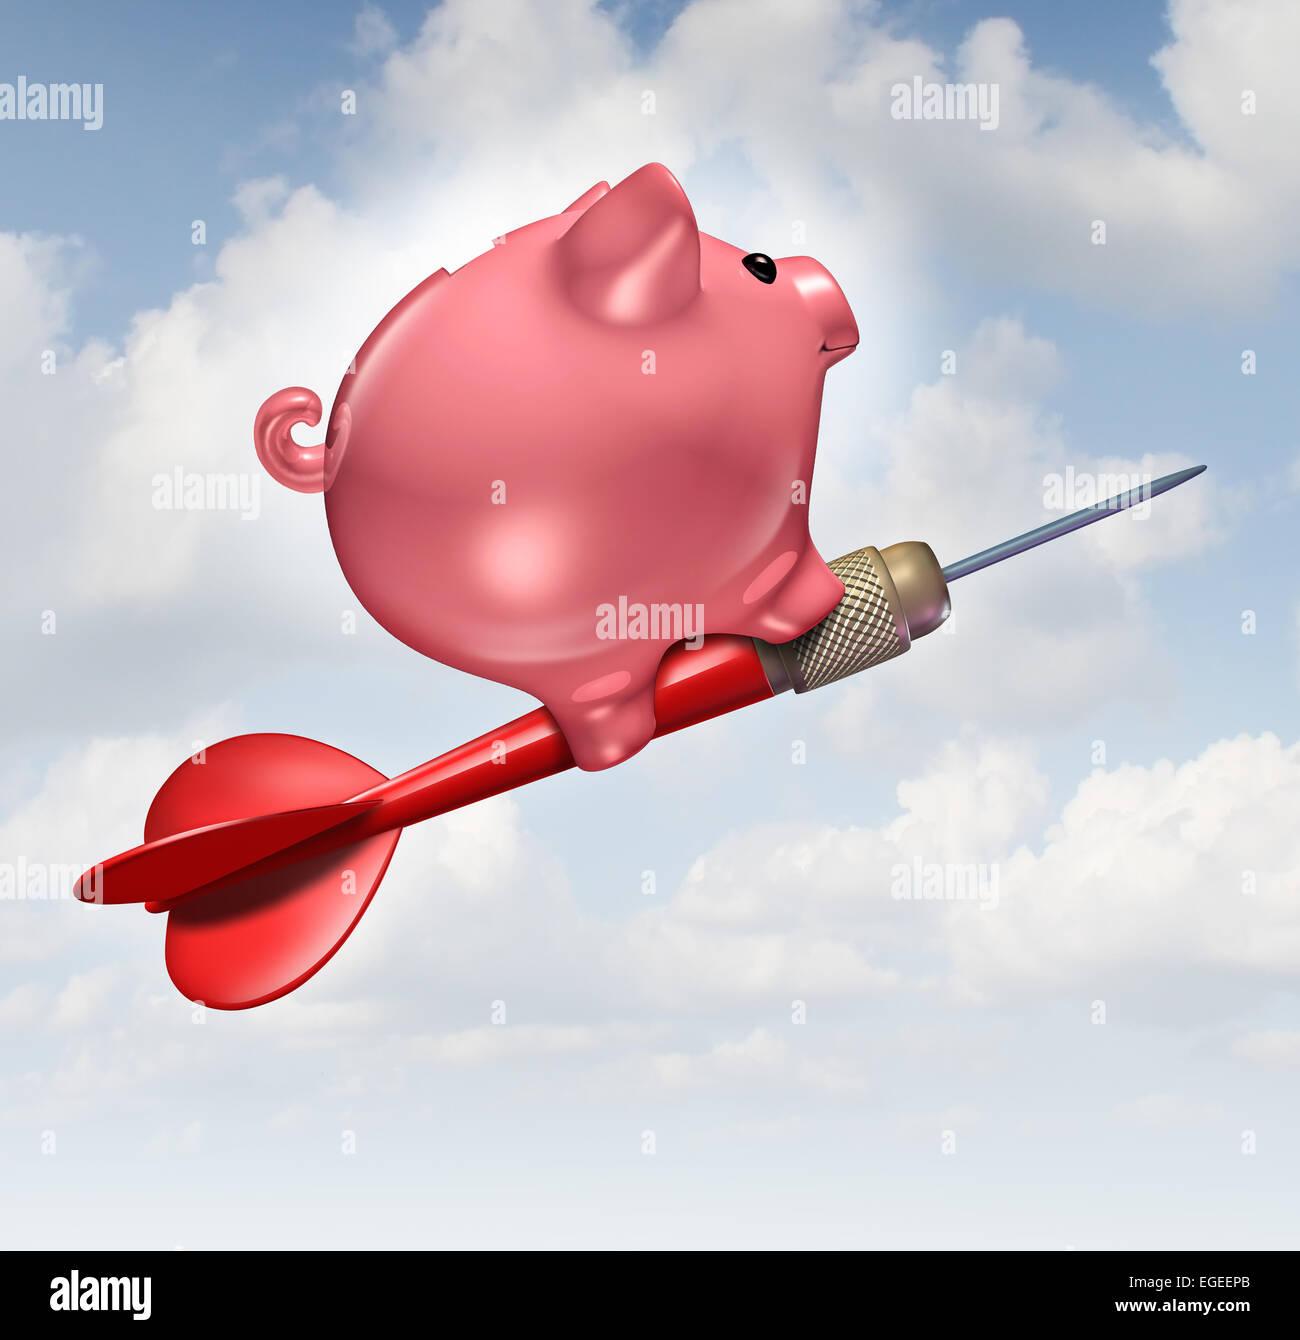 L'objectif budgétaire et financier business concept comme une circonscription caractère piggybank Photo Stock